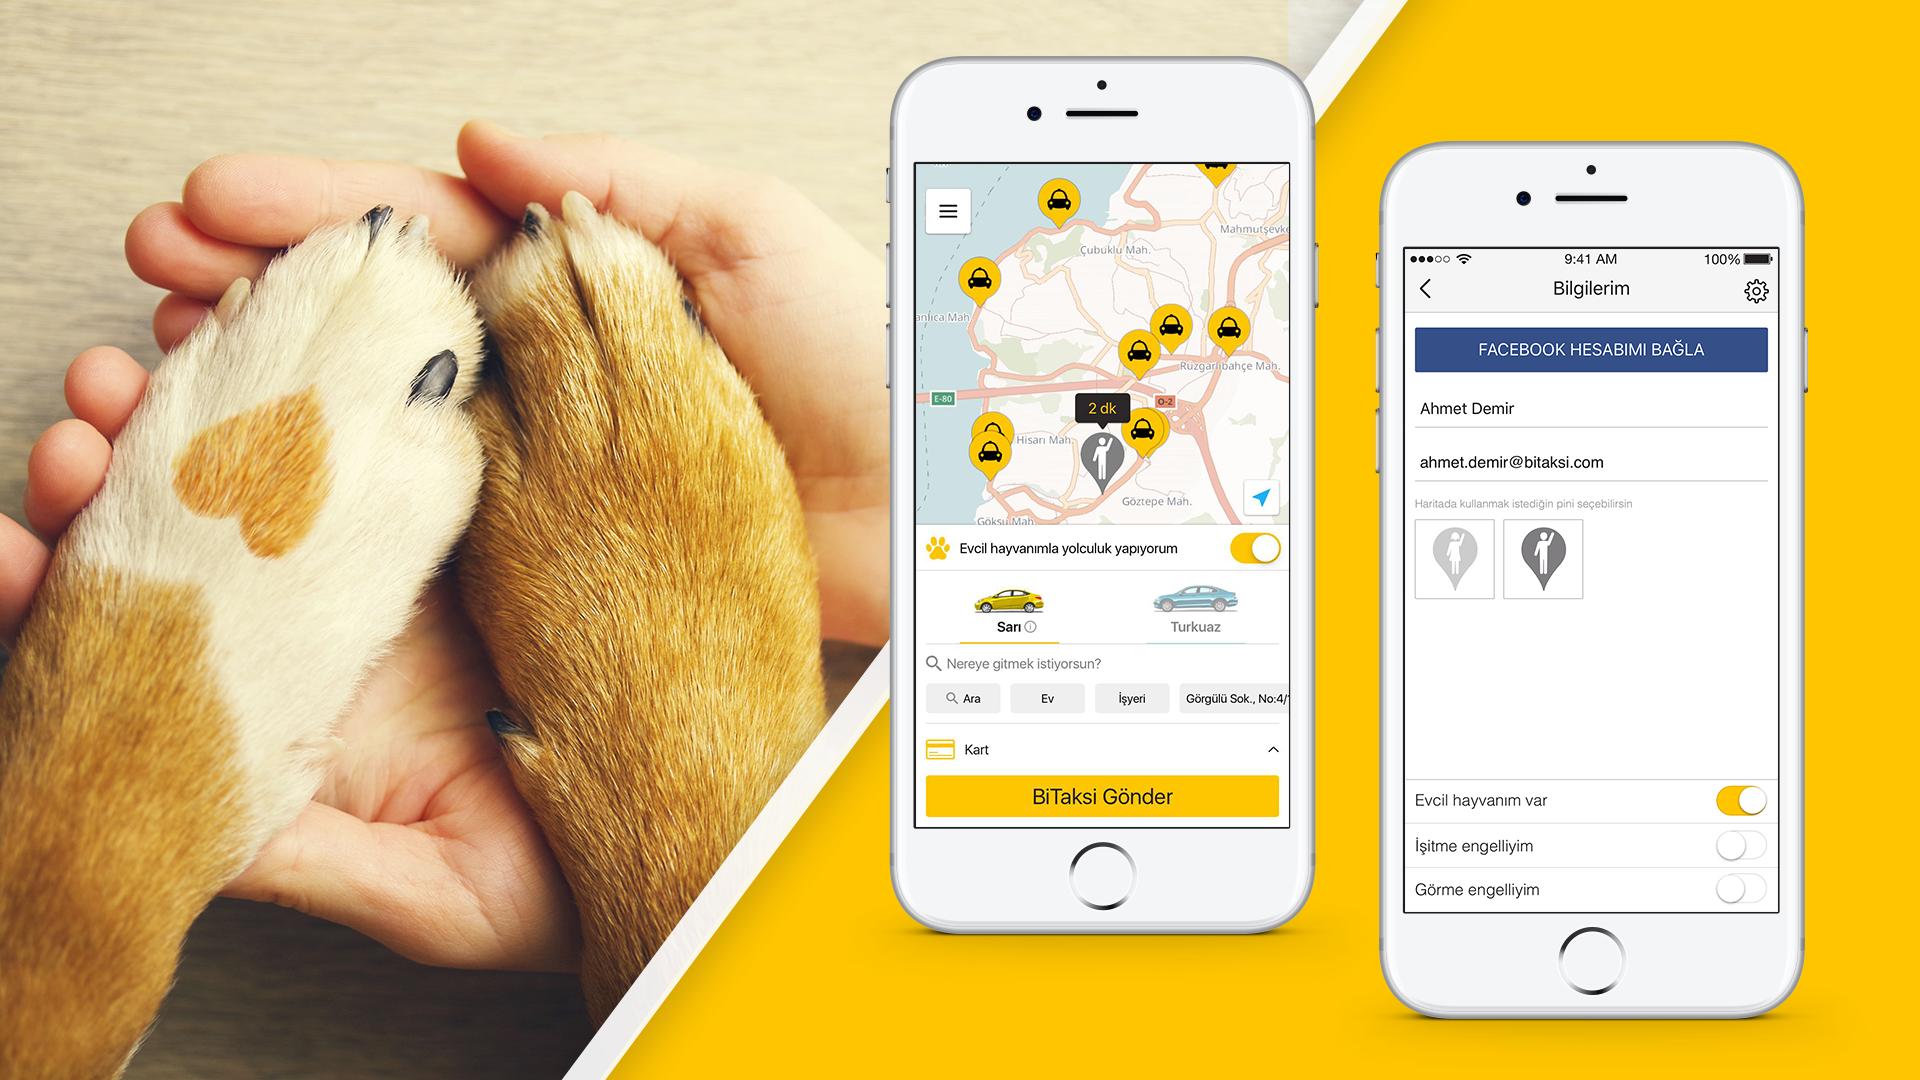 Yolcuları ve taksi sürücülerini buluşturan akıllı telefon uygulaması BiTaksi, kullanıcılarına evcil hayvanlarıyla birlikte rahatça yolculuk etme fırsatı sunuyor.